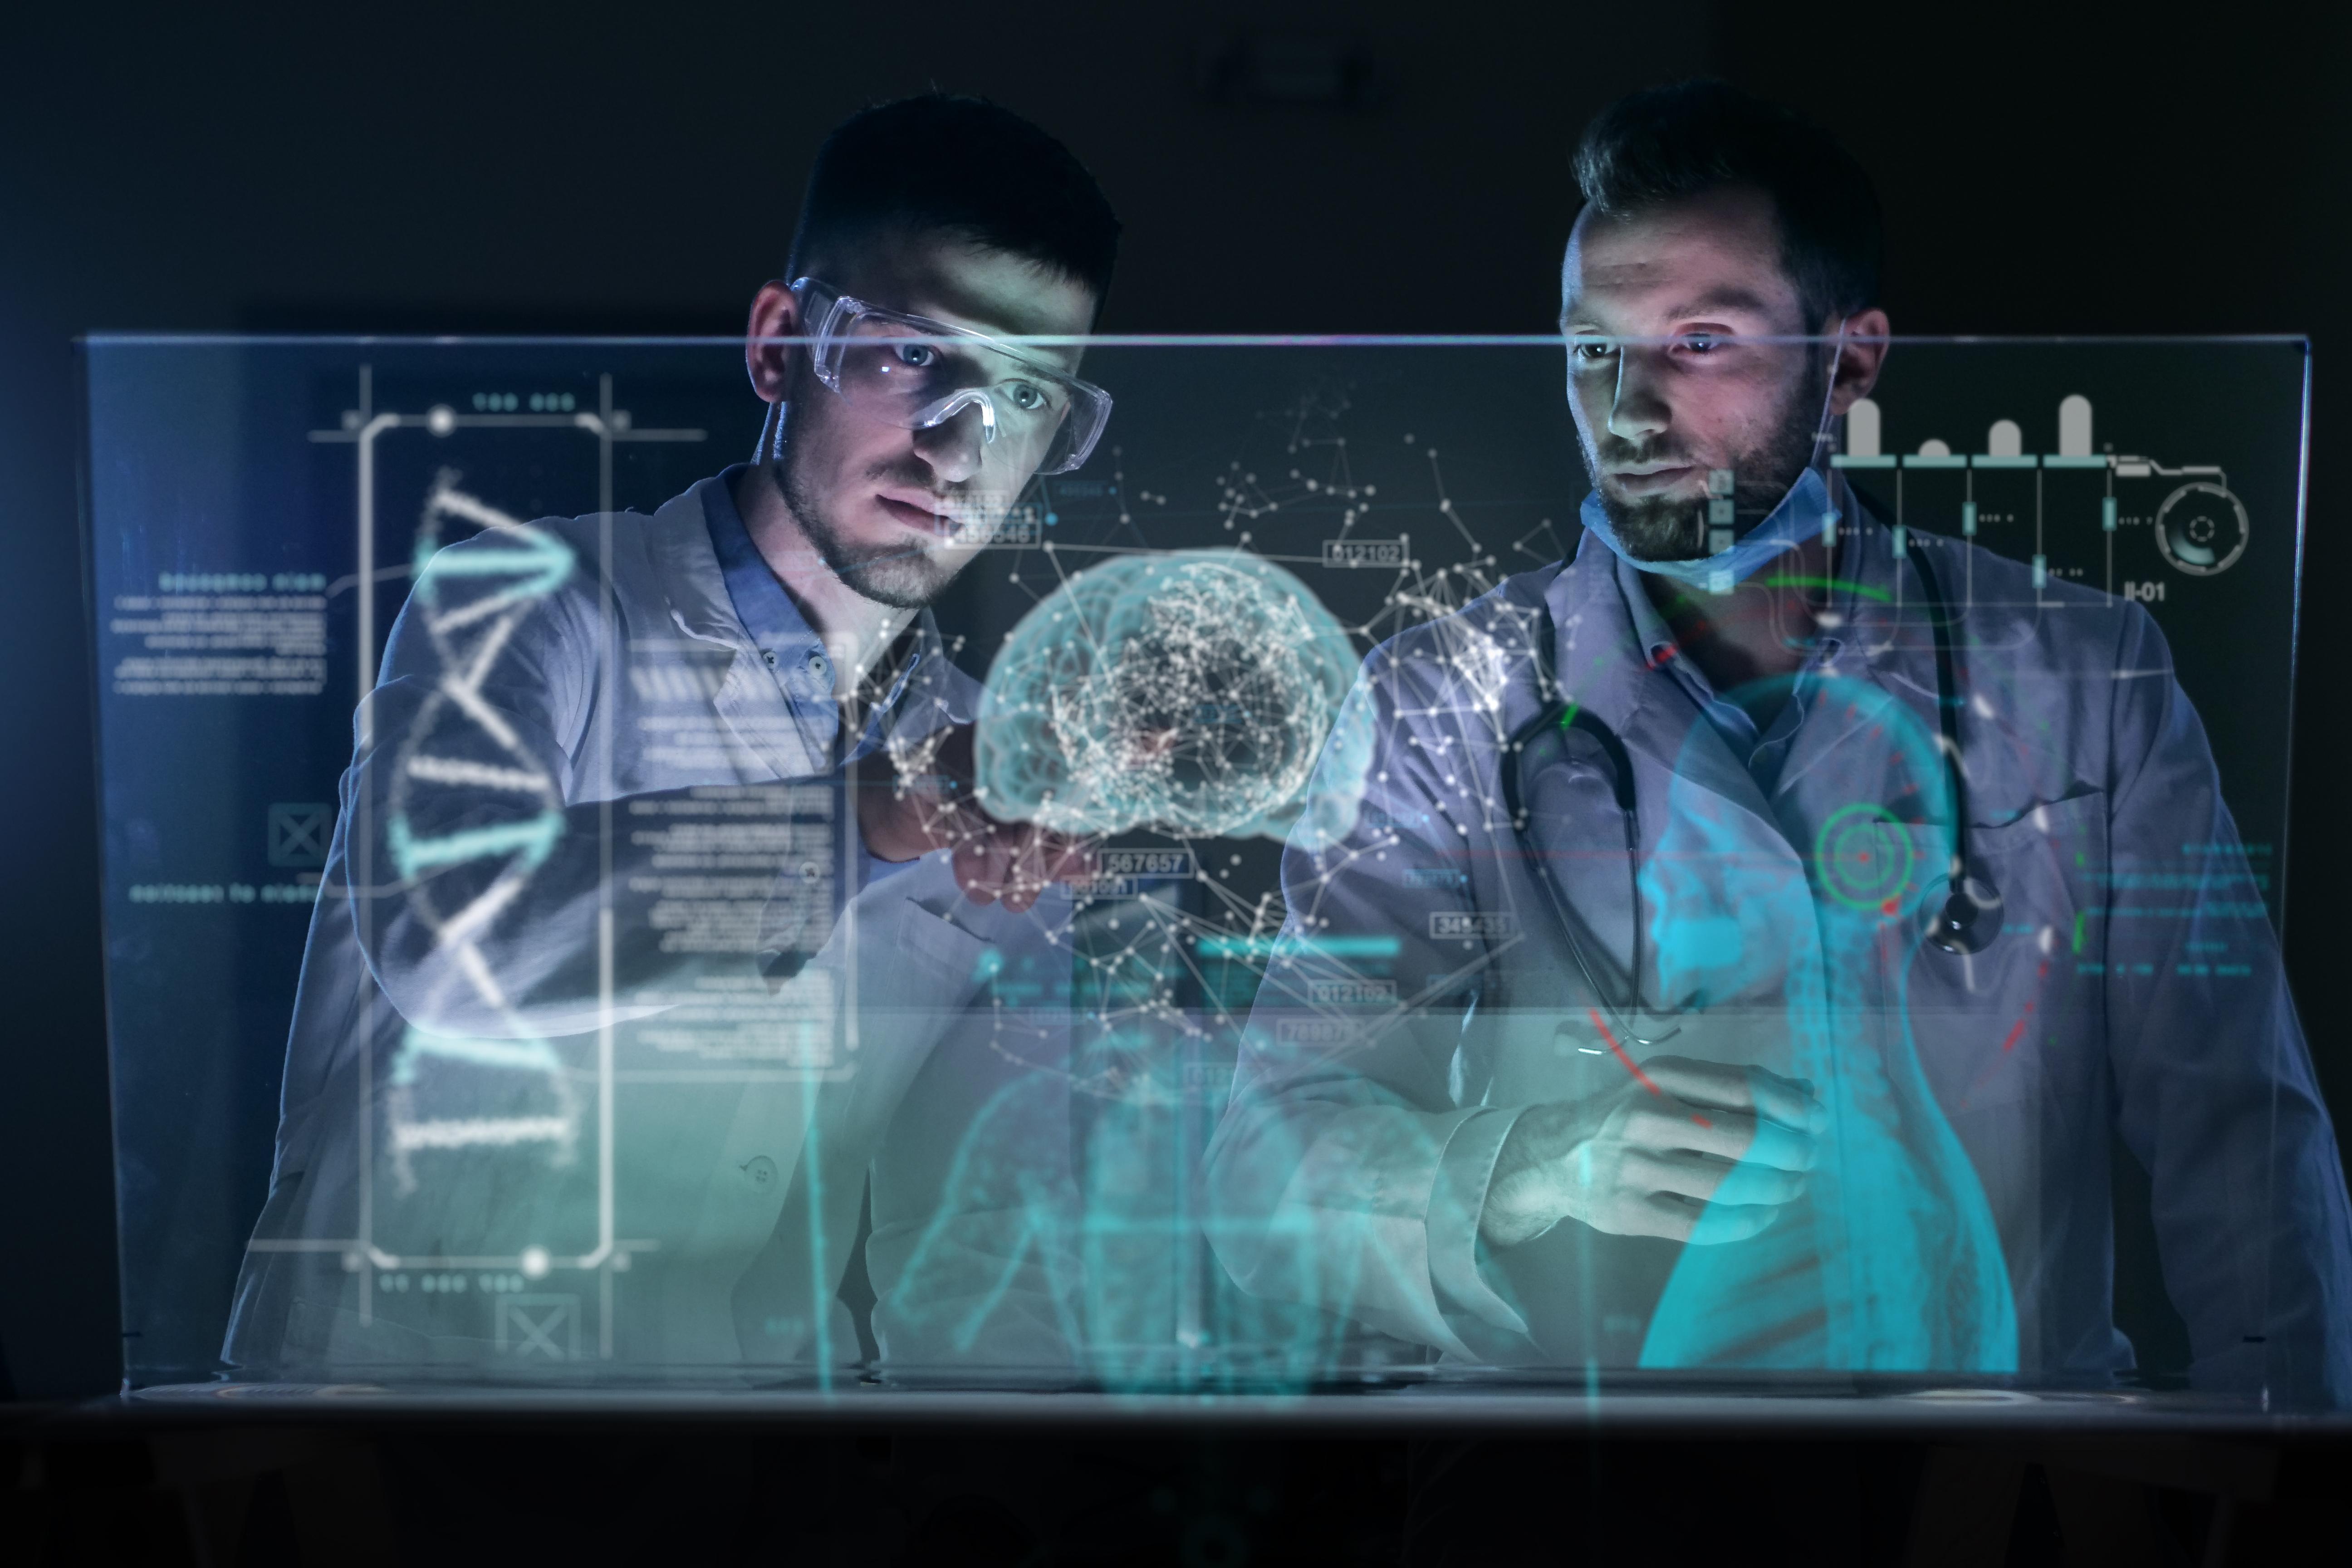 Inteligência artificial para saúde: conheça tecnologias que otimizam o trabalho humano e ajudam a salvar vidas